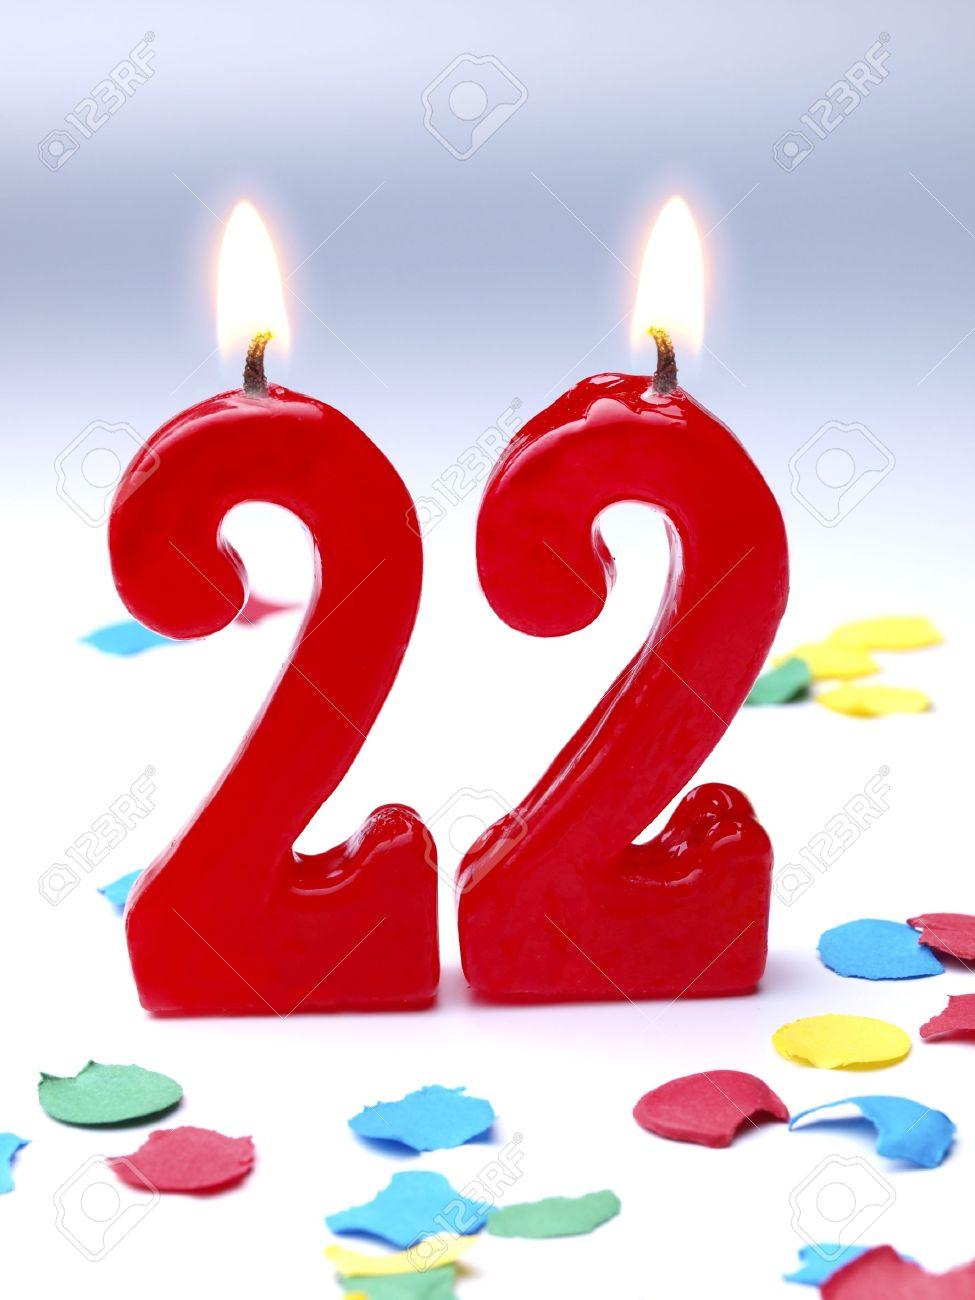 Поздравления с днём рождения прикольные 22 года